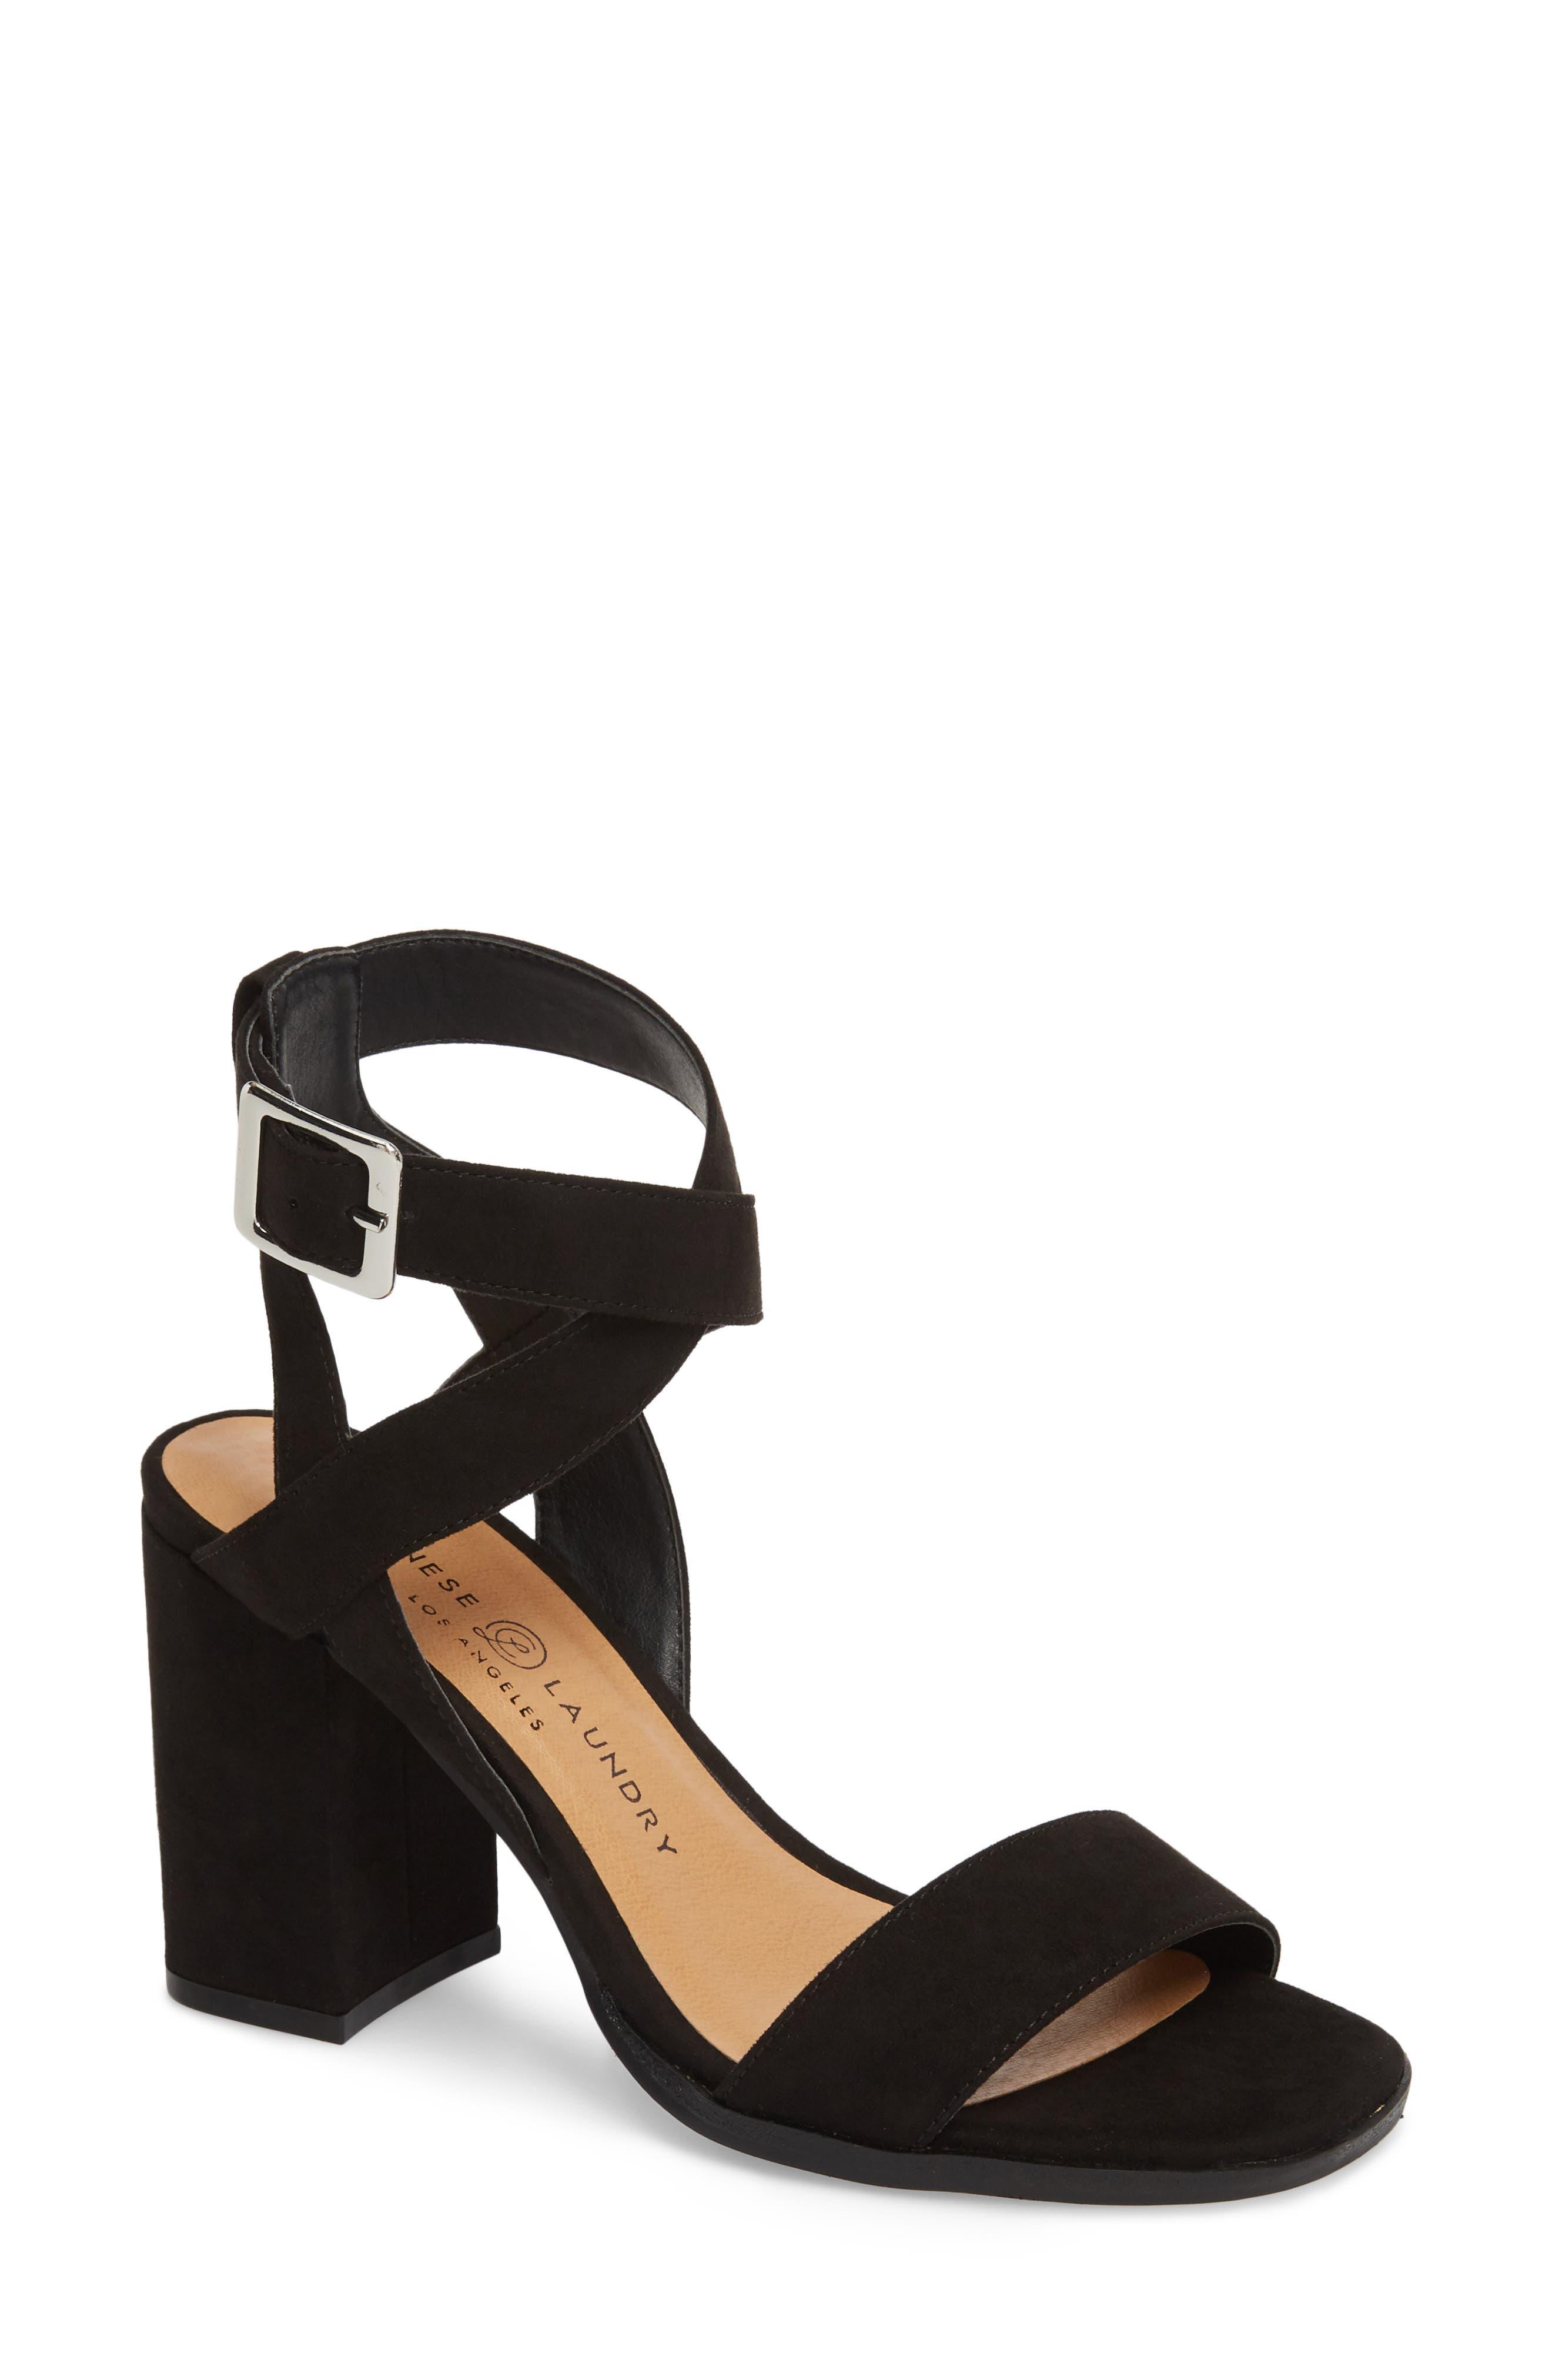 Stassi Block Heel Sandal,                             Main thumbnail 1, color,                             Black